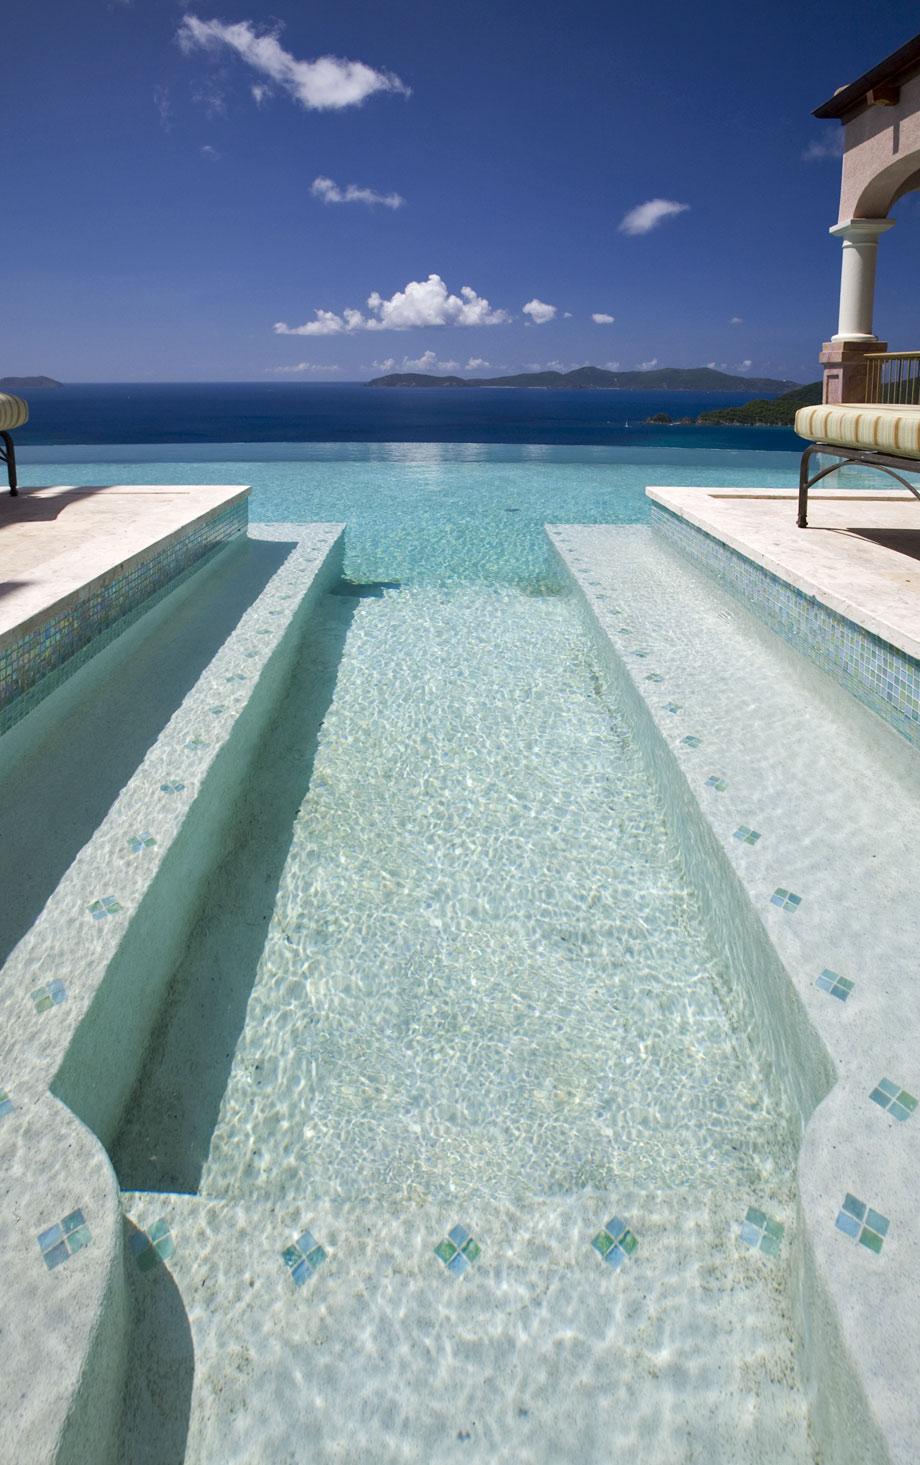 villa carlota, st. john villas: luxury villa rentals of mclaughlin